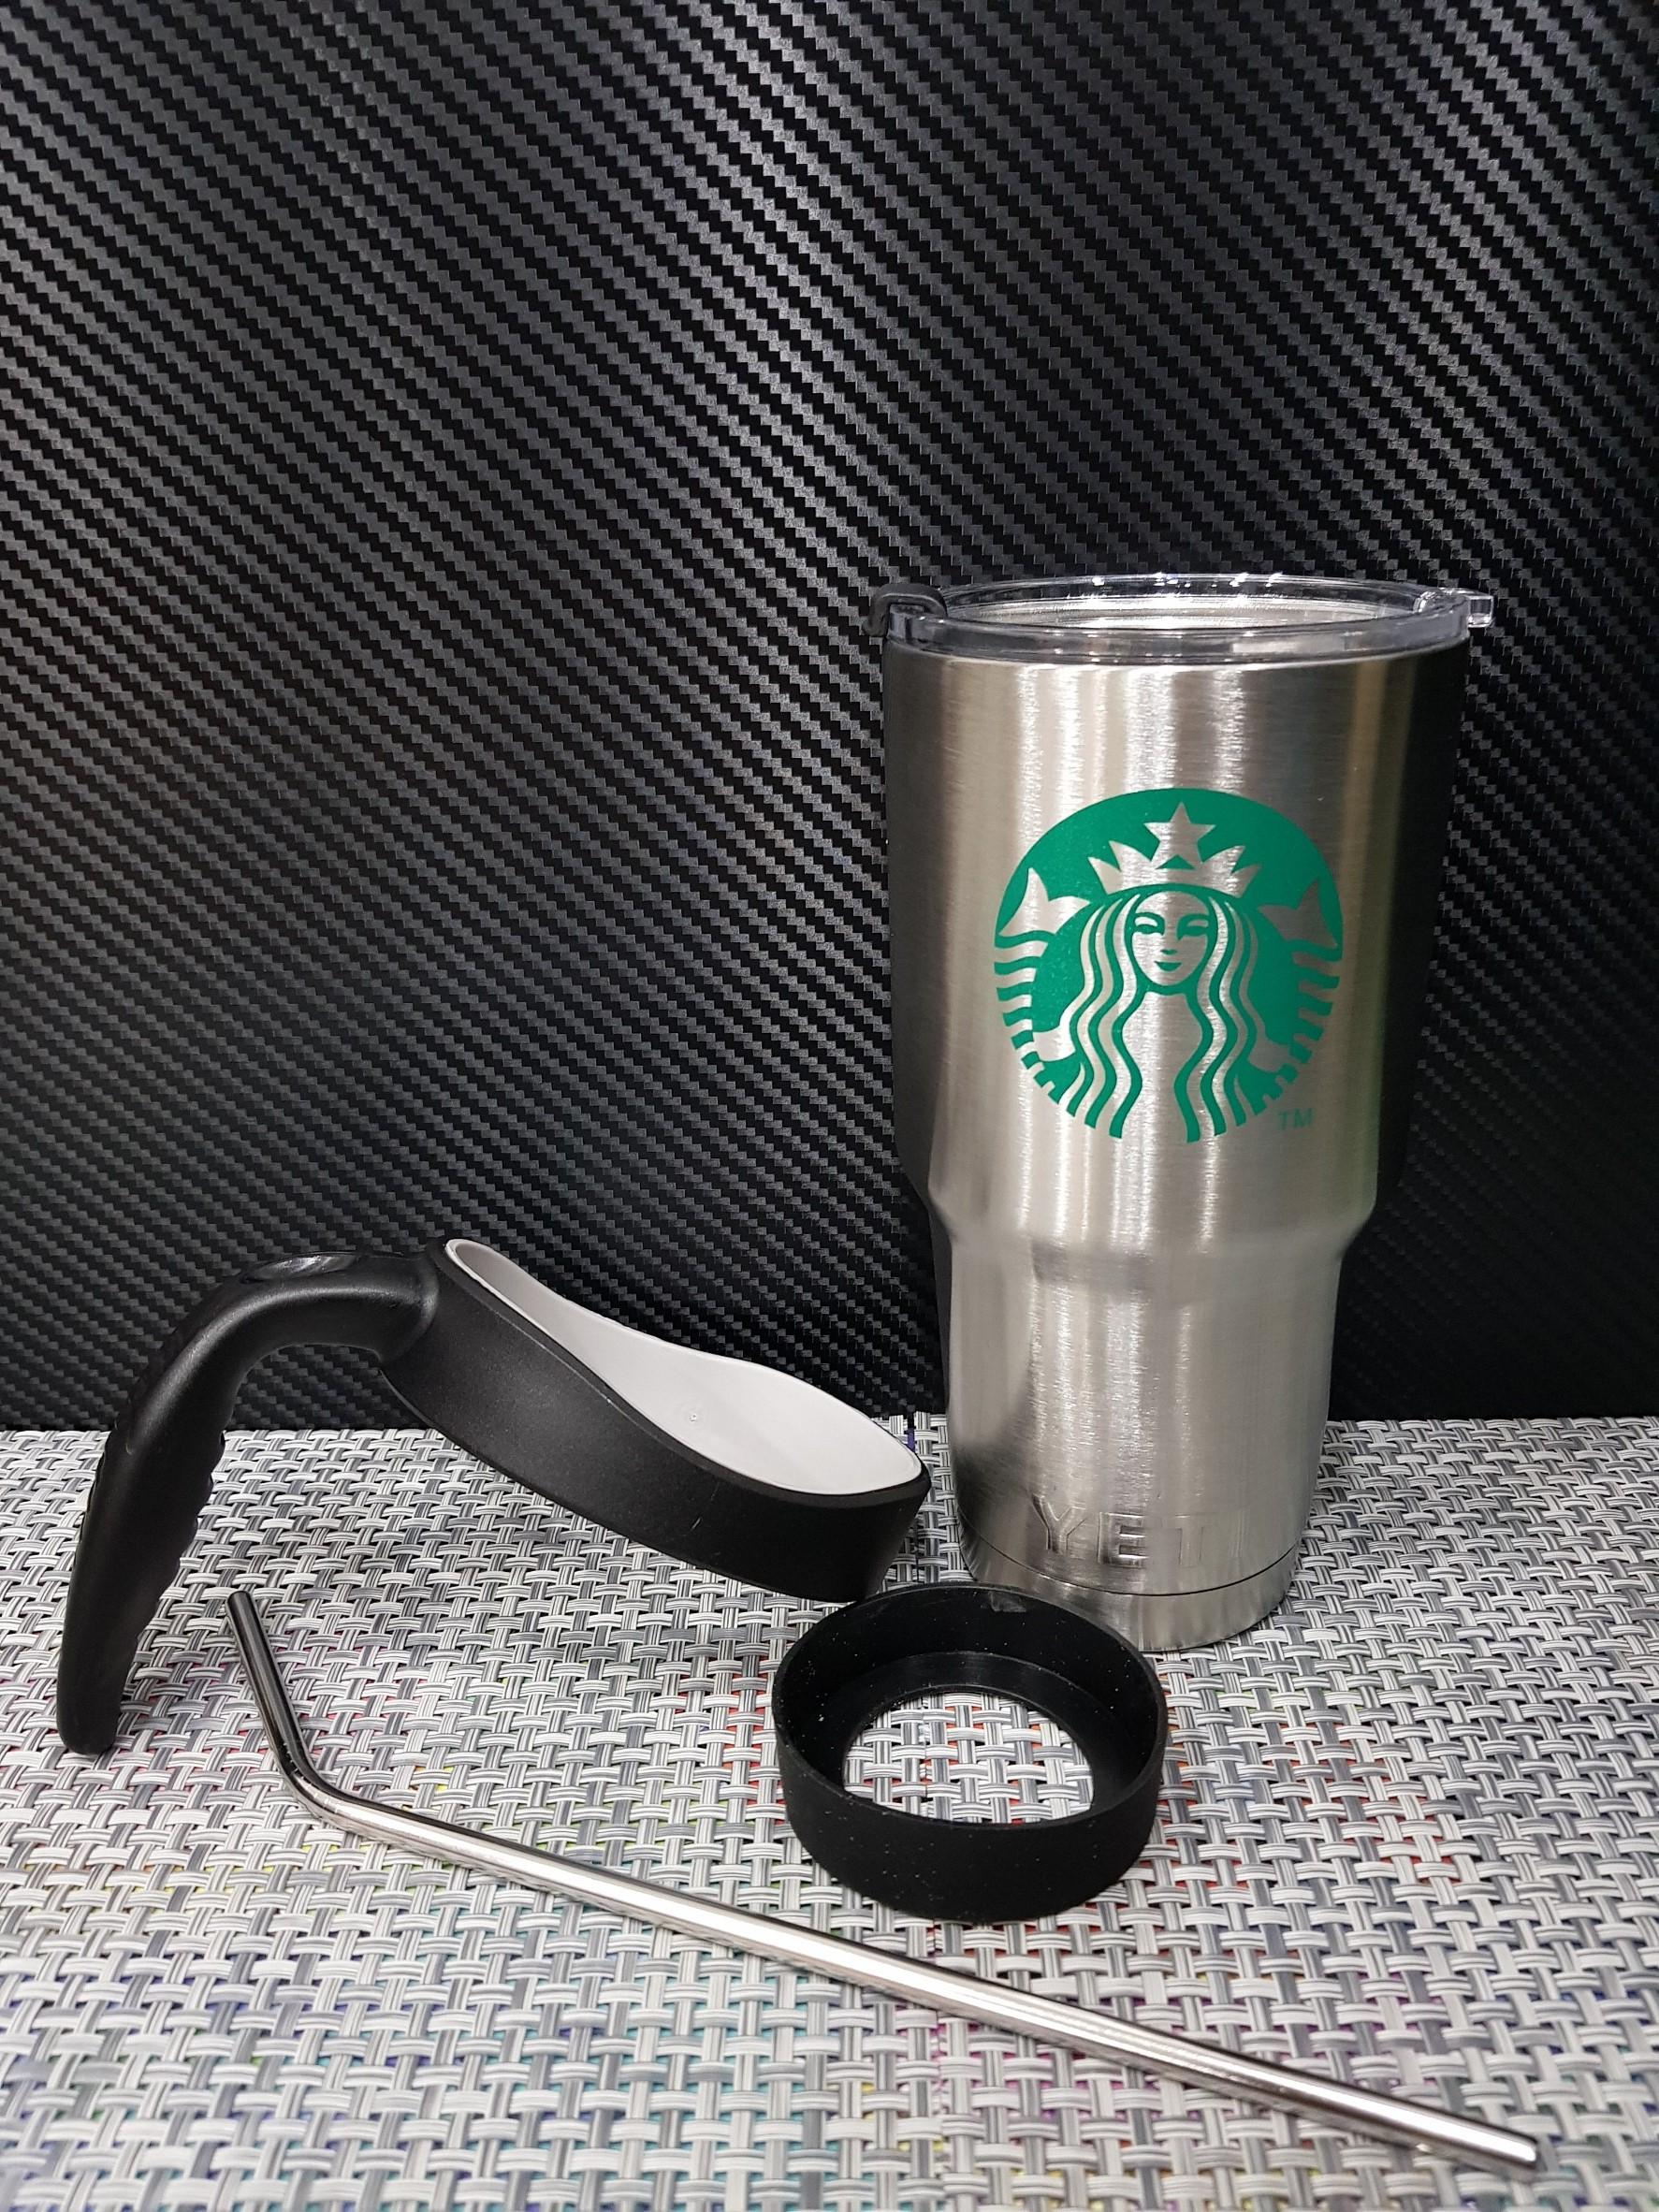 ชุดแก้วเยติ 30 ออนซ์ พื้นสีเงิน โลโก้ สตาร์บัค ลายเส้นสีเขียวอ่อน